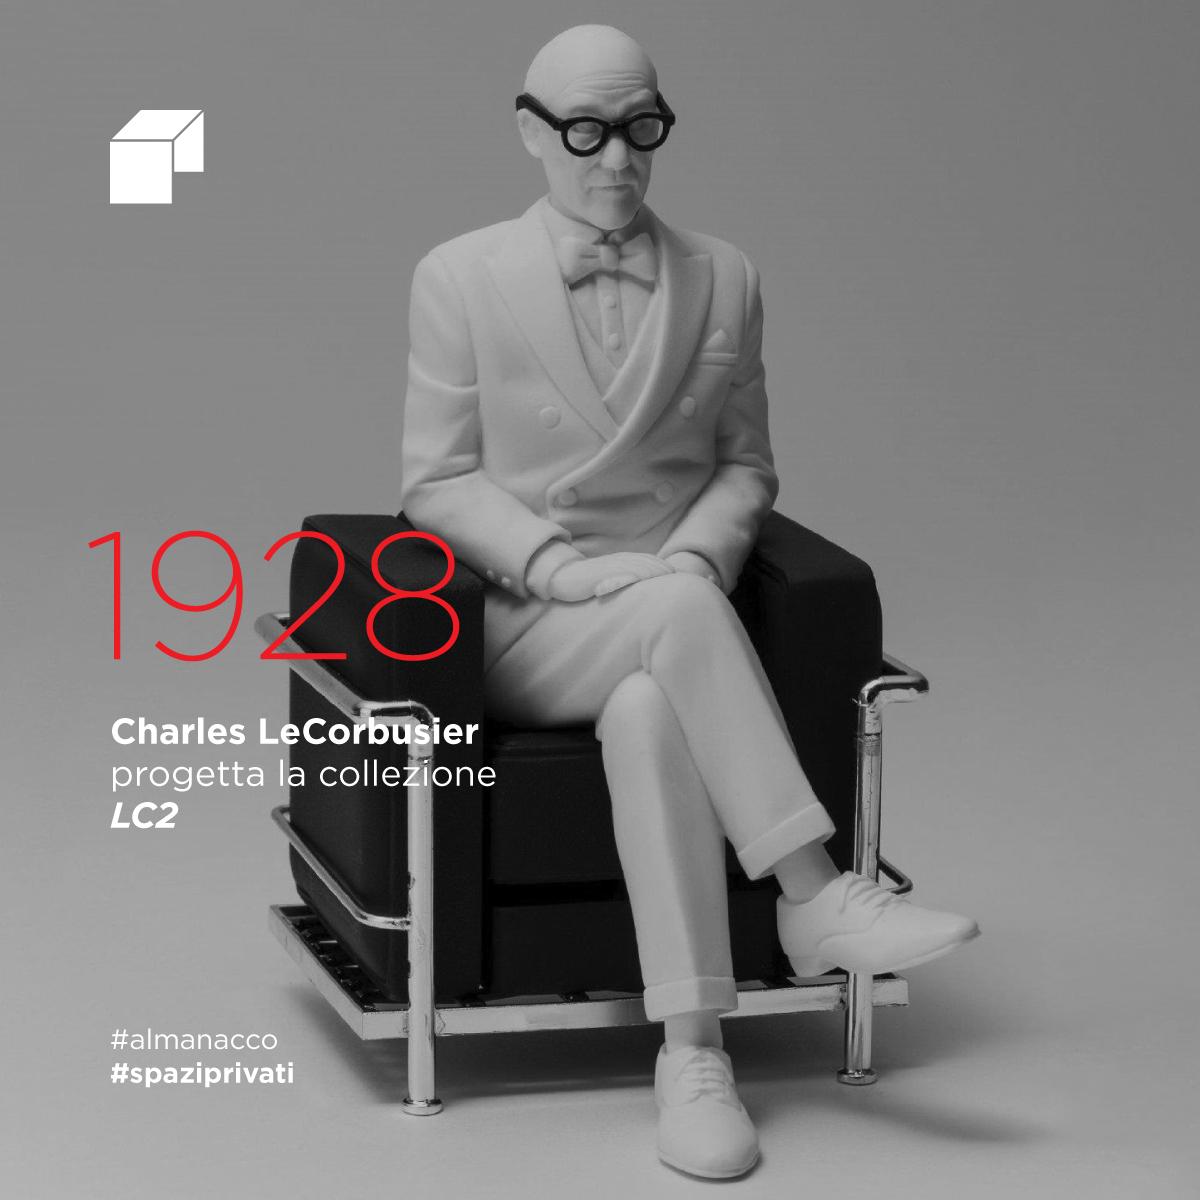 Charles Le Corbusier progetta la collezione LC2